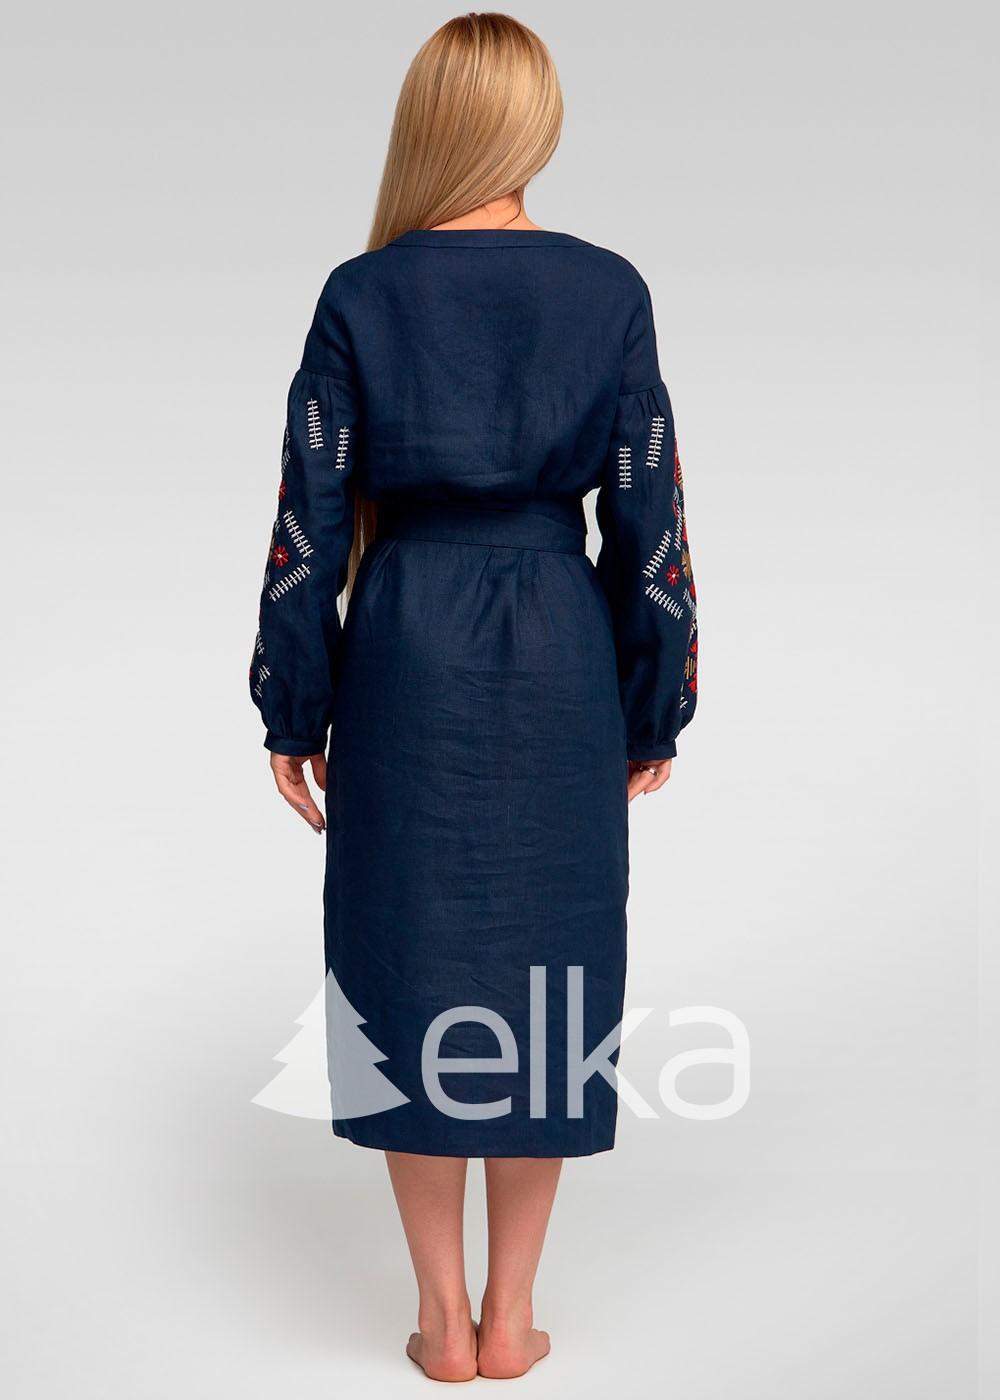 Платье вышиванка темно-синее